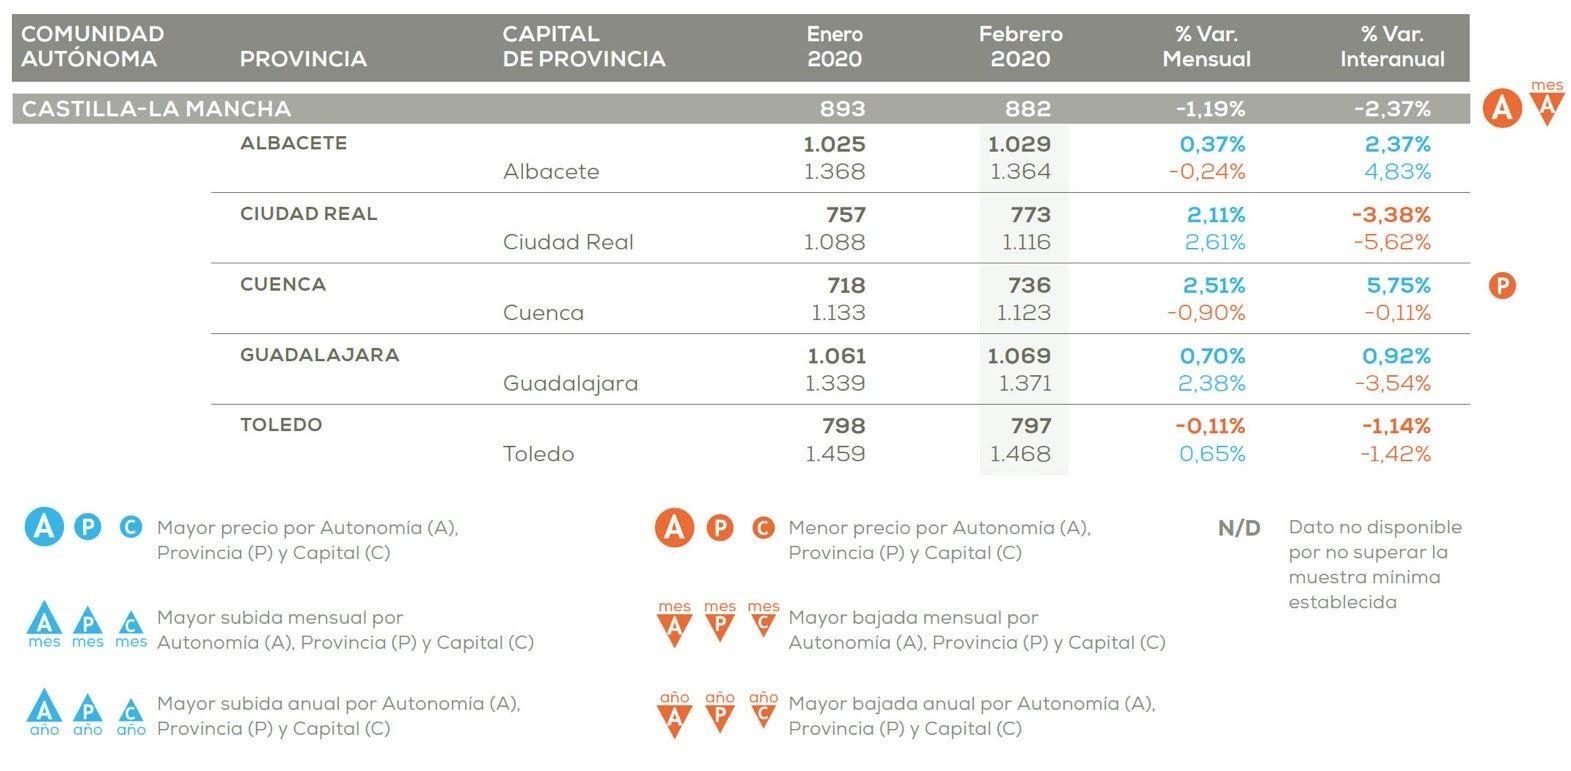 El precio de la vivienda en Castilla-La Mancha cae un 2,37% frente al año pasado